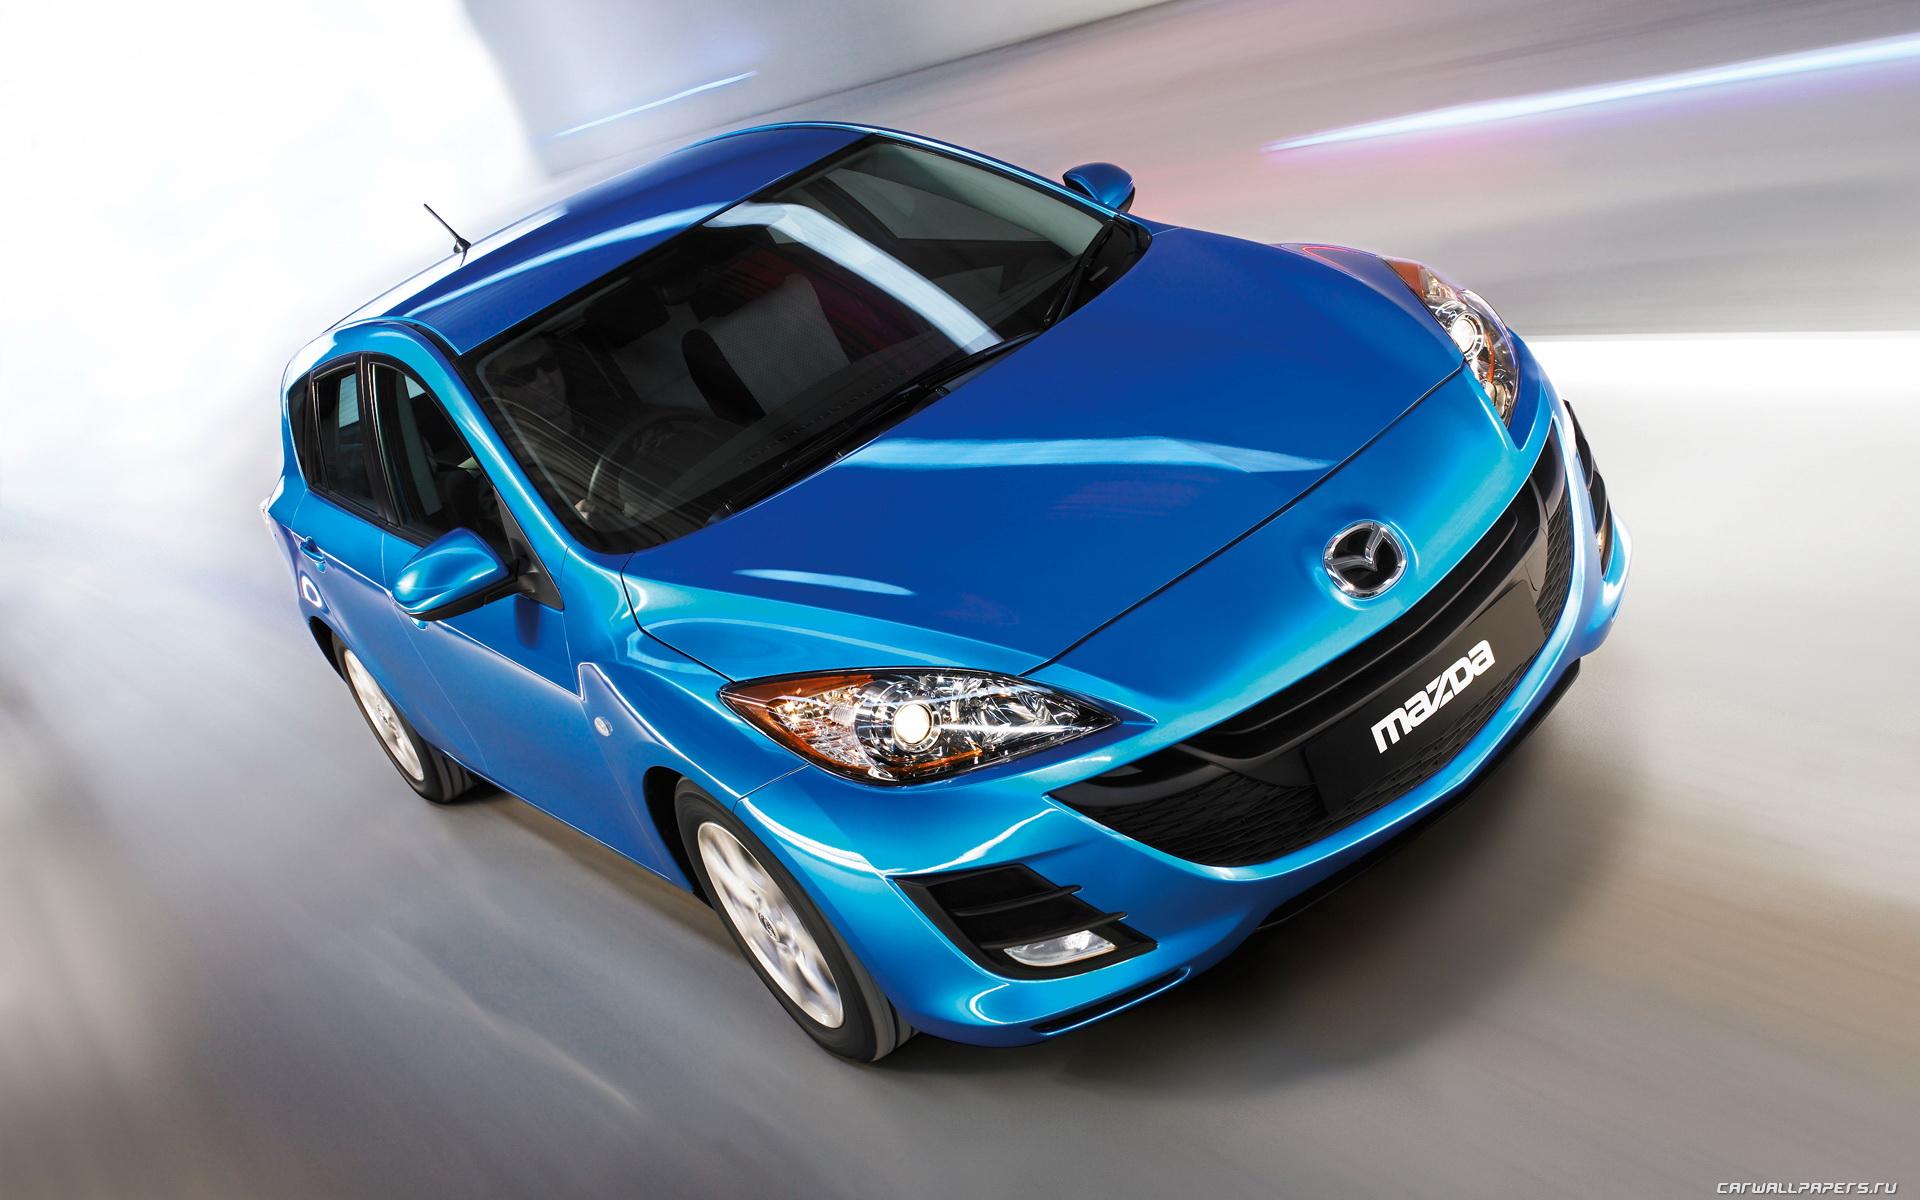 Mazda-3-Hatchback-2008-1920x1200-001.jpg